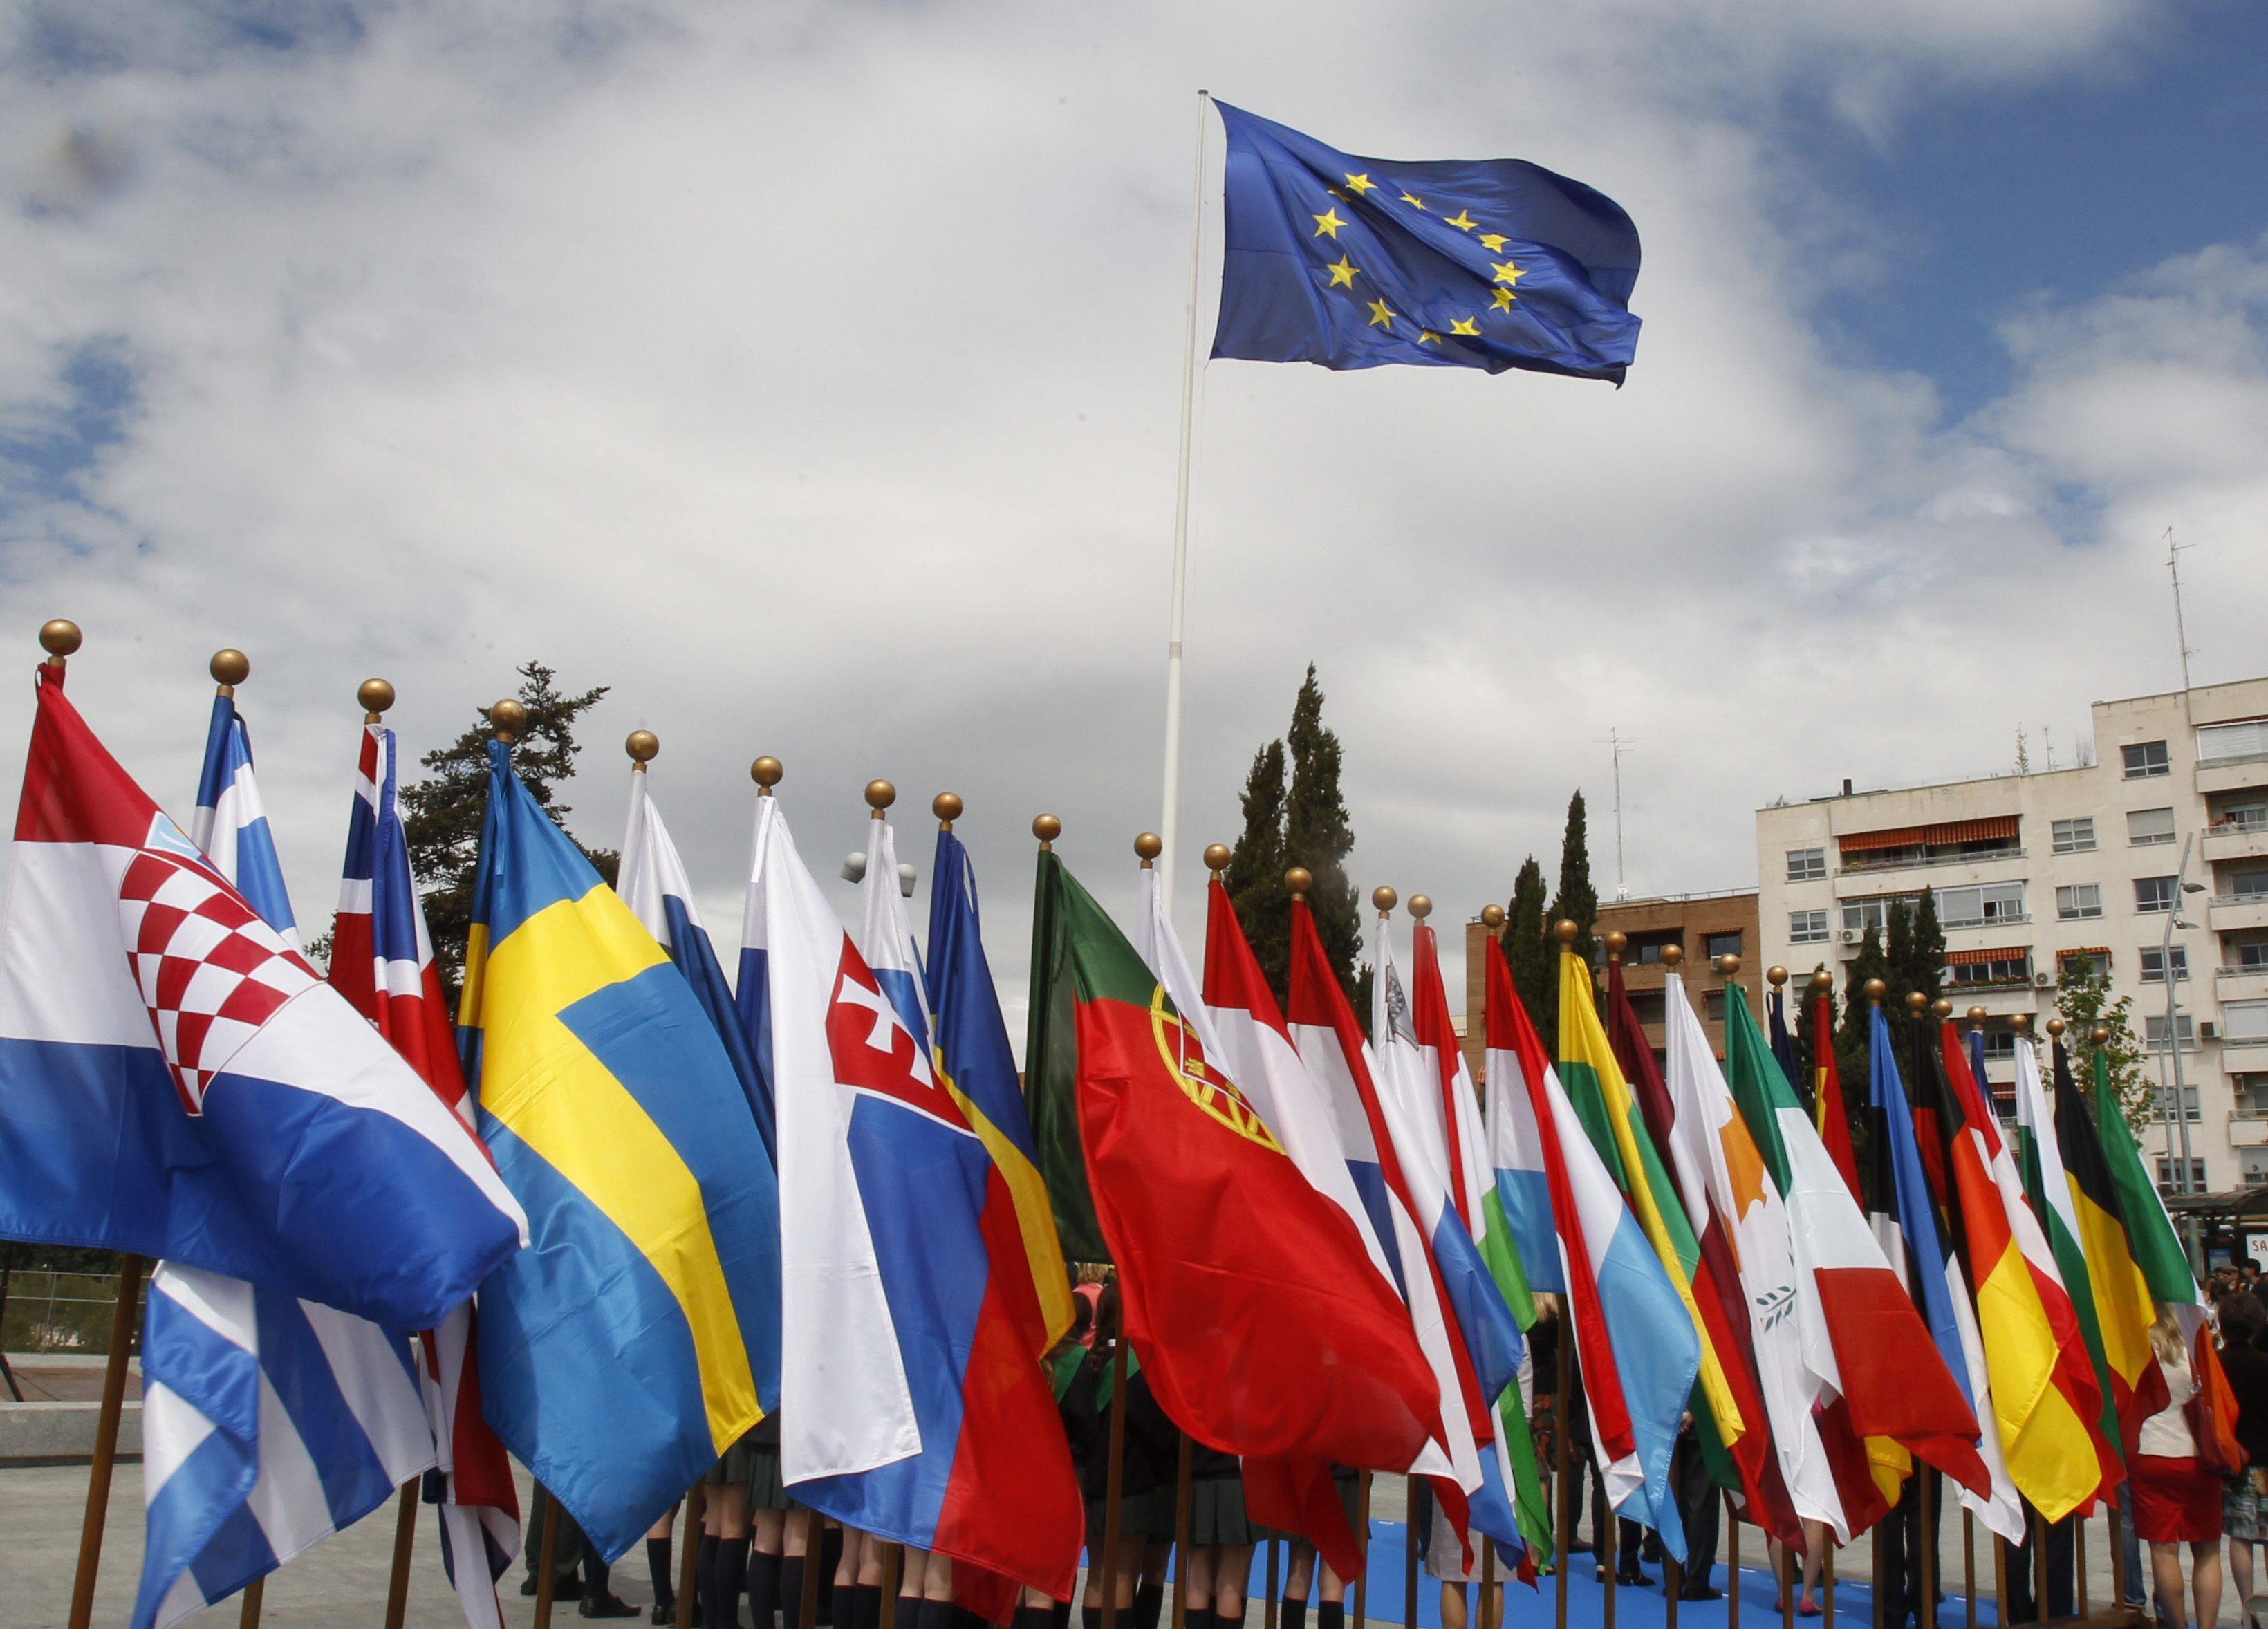 Con Croacia ya somos 28 países en la Unión Europea